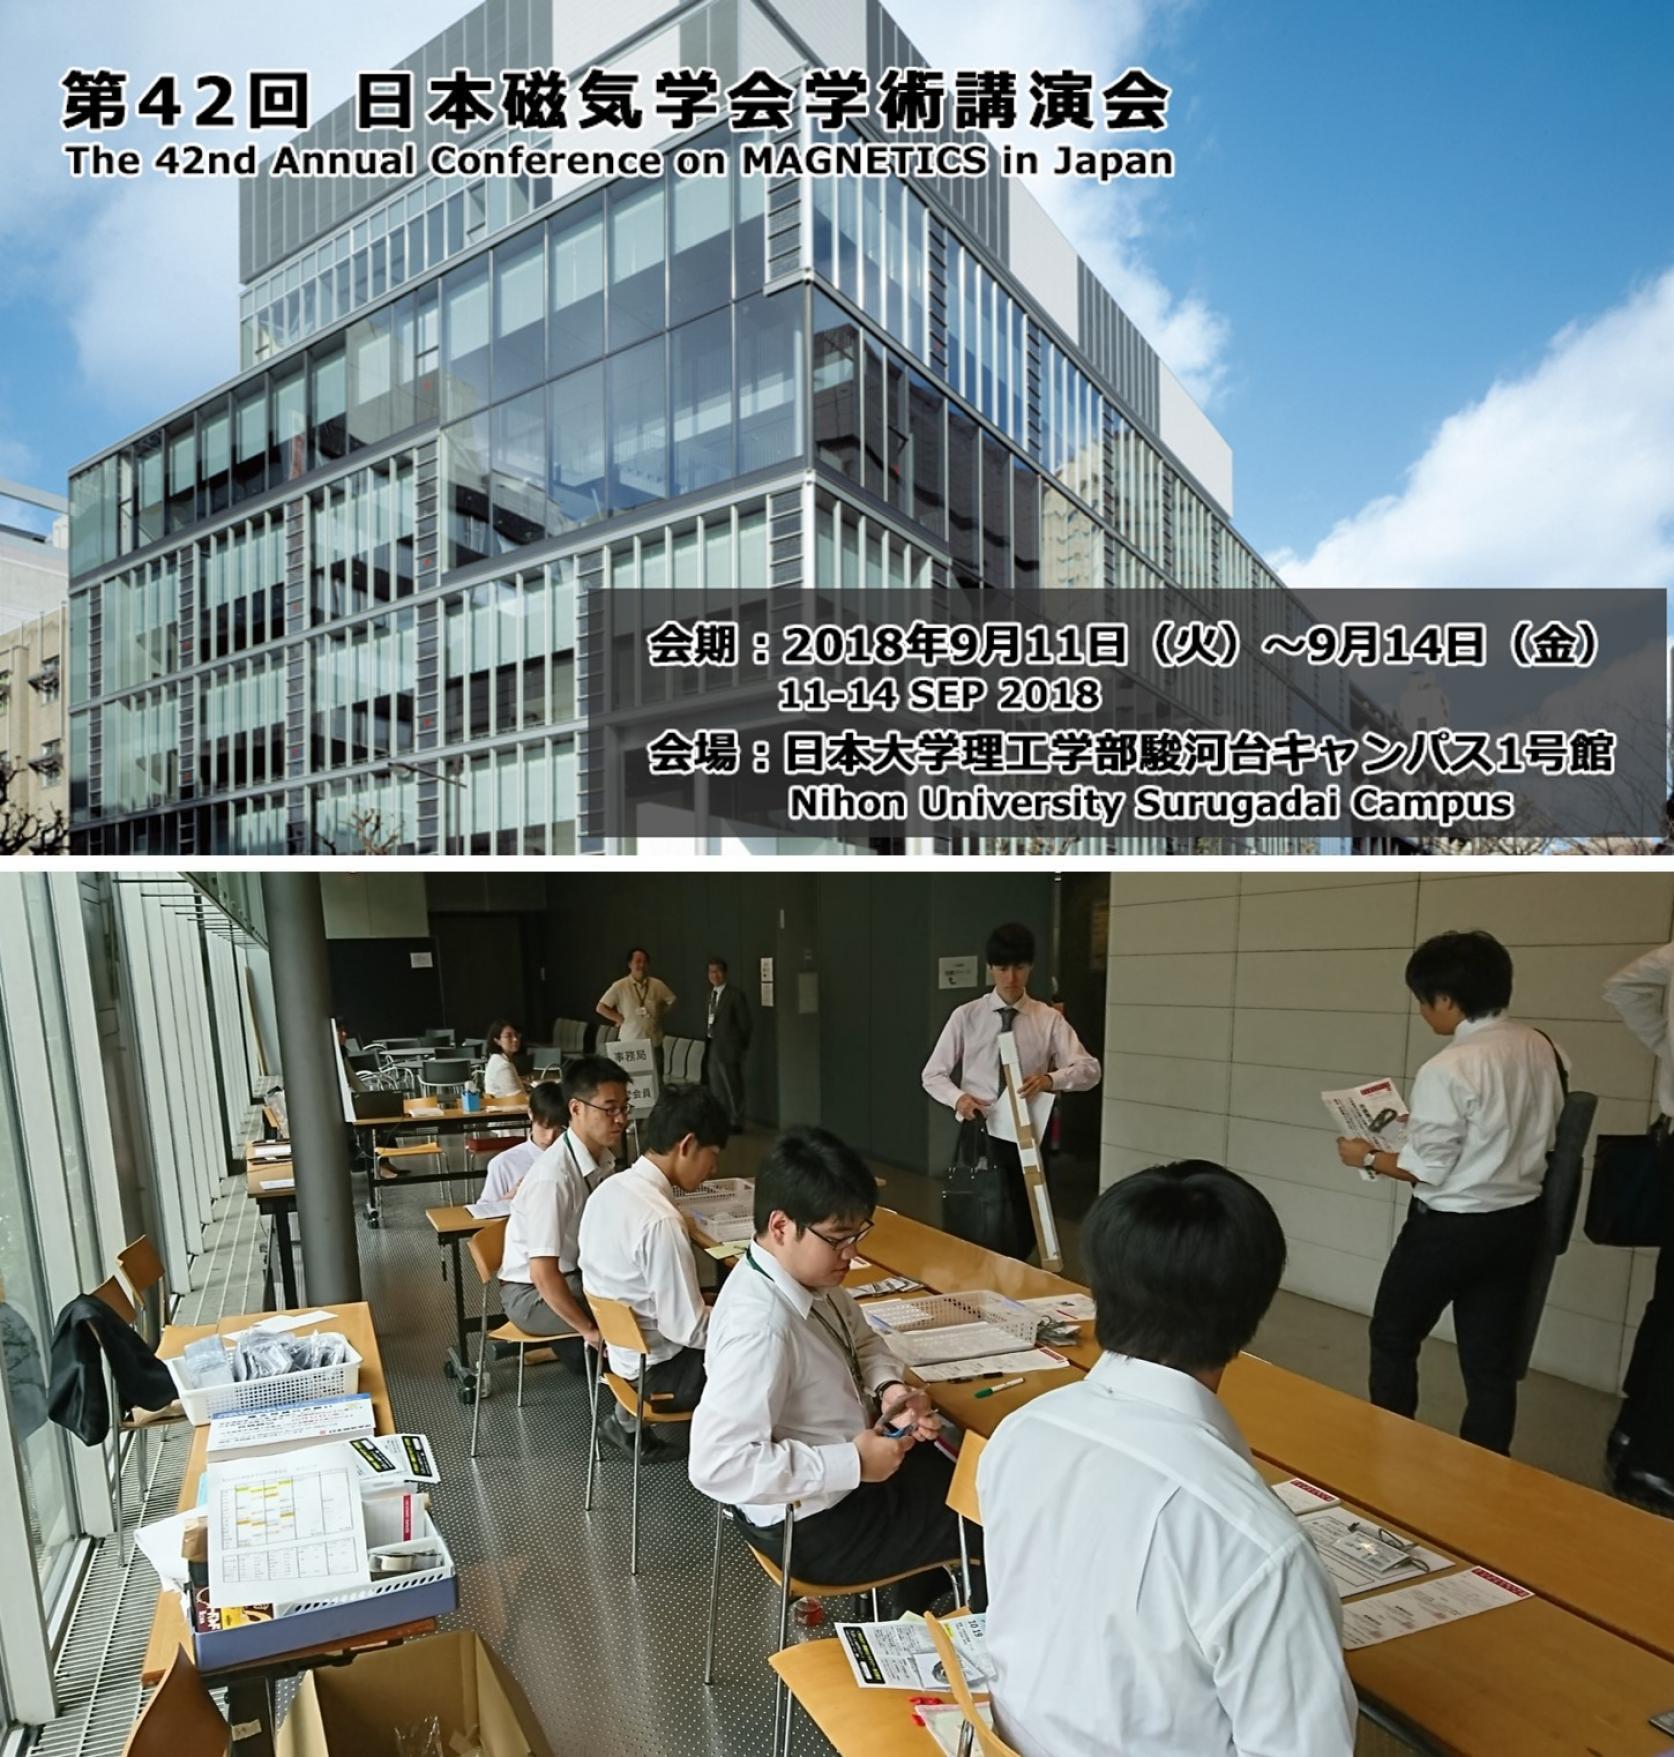 理工学研究所研究員の笠谷雄一博士が「第42回日本磁気学会学術講演会」においてポスター講演賞を受賞しました。